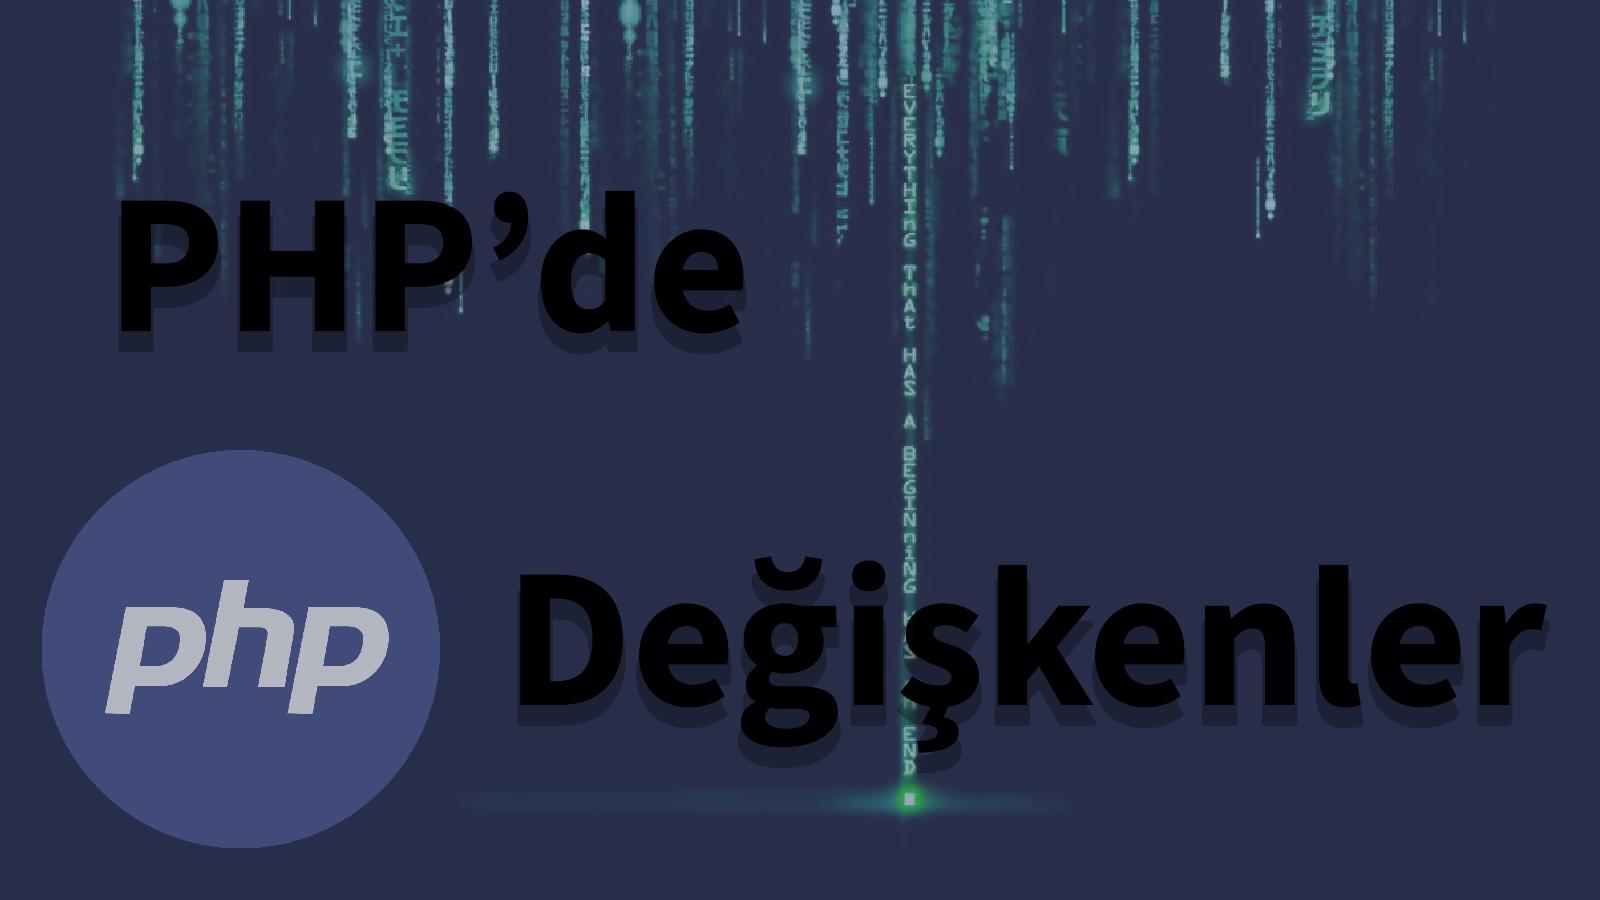 php dersleri, php, php öğren, kodlama öğren, php yazılım, php kodlama, yazılım dersleri, yazılım öğren, kodlama öğren, php değişkenler, değişkenler php